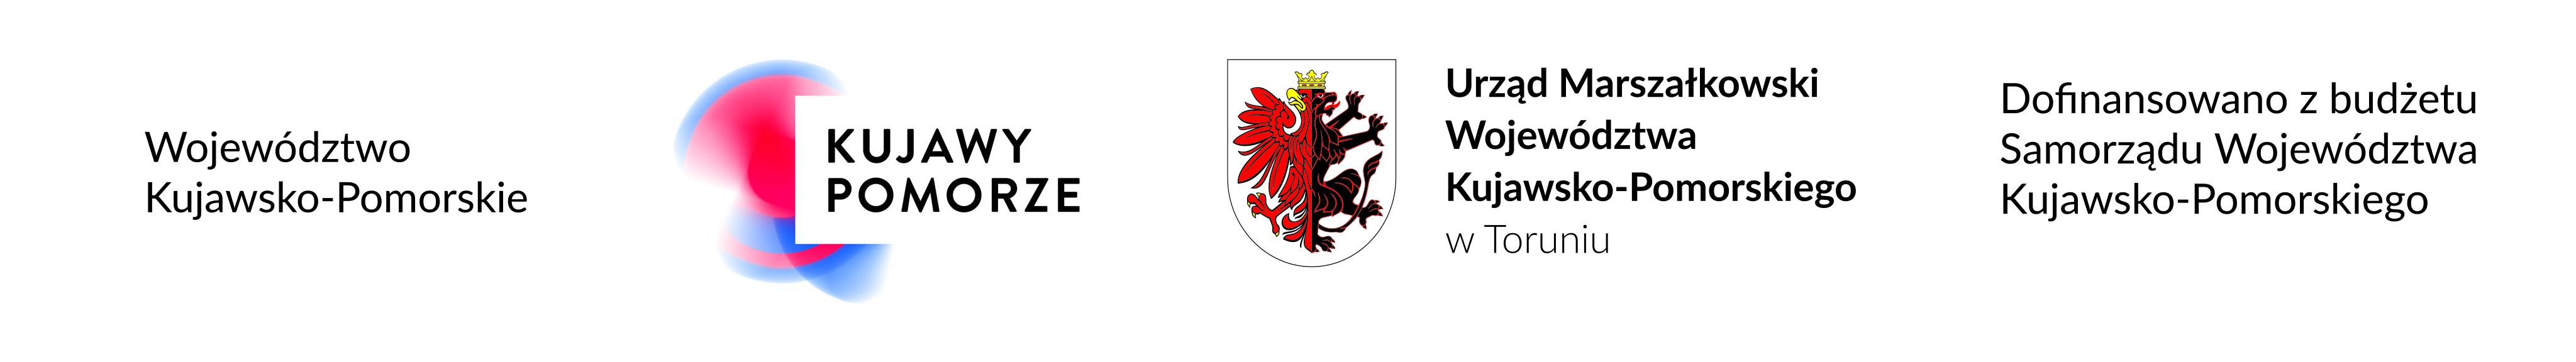 Festiwal Przypalanka został dofinansowany ze środków Województwa Kujawsko-Pomorskiego